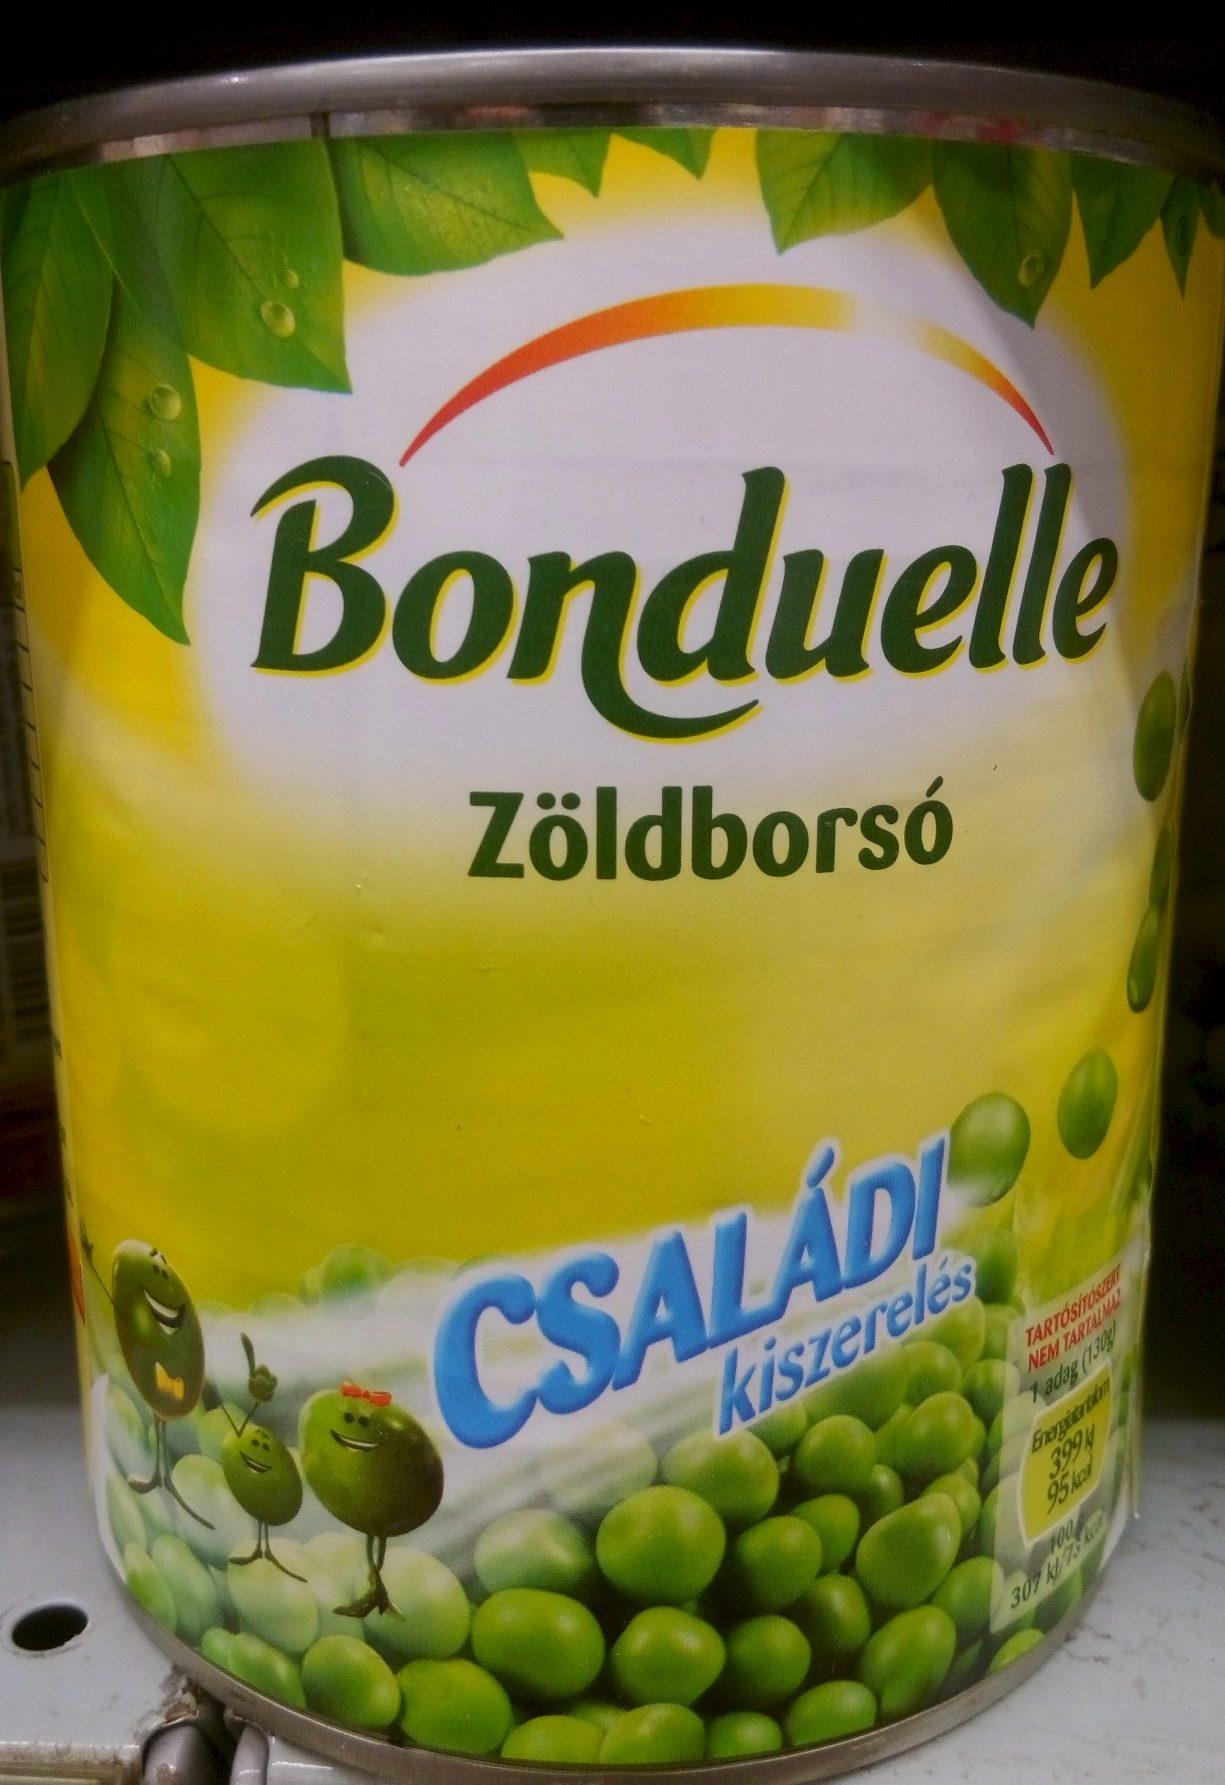 Zöldborsó Családi kiszerelés - Prodotto - hu